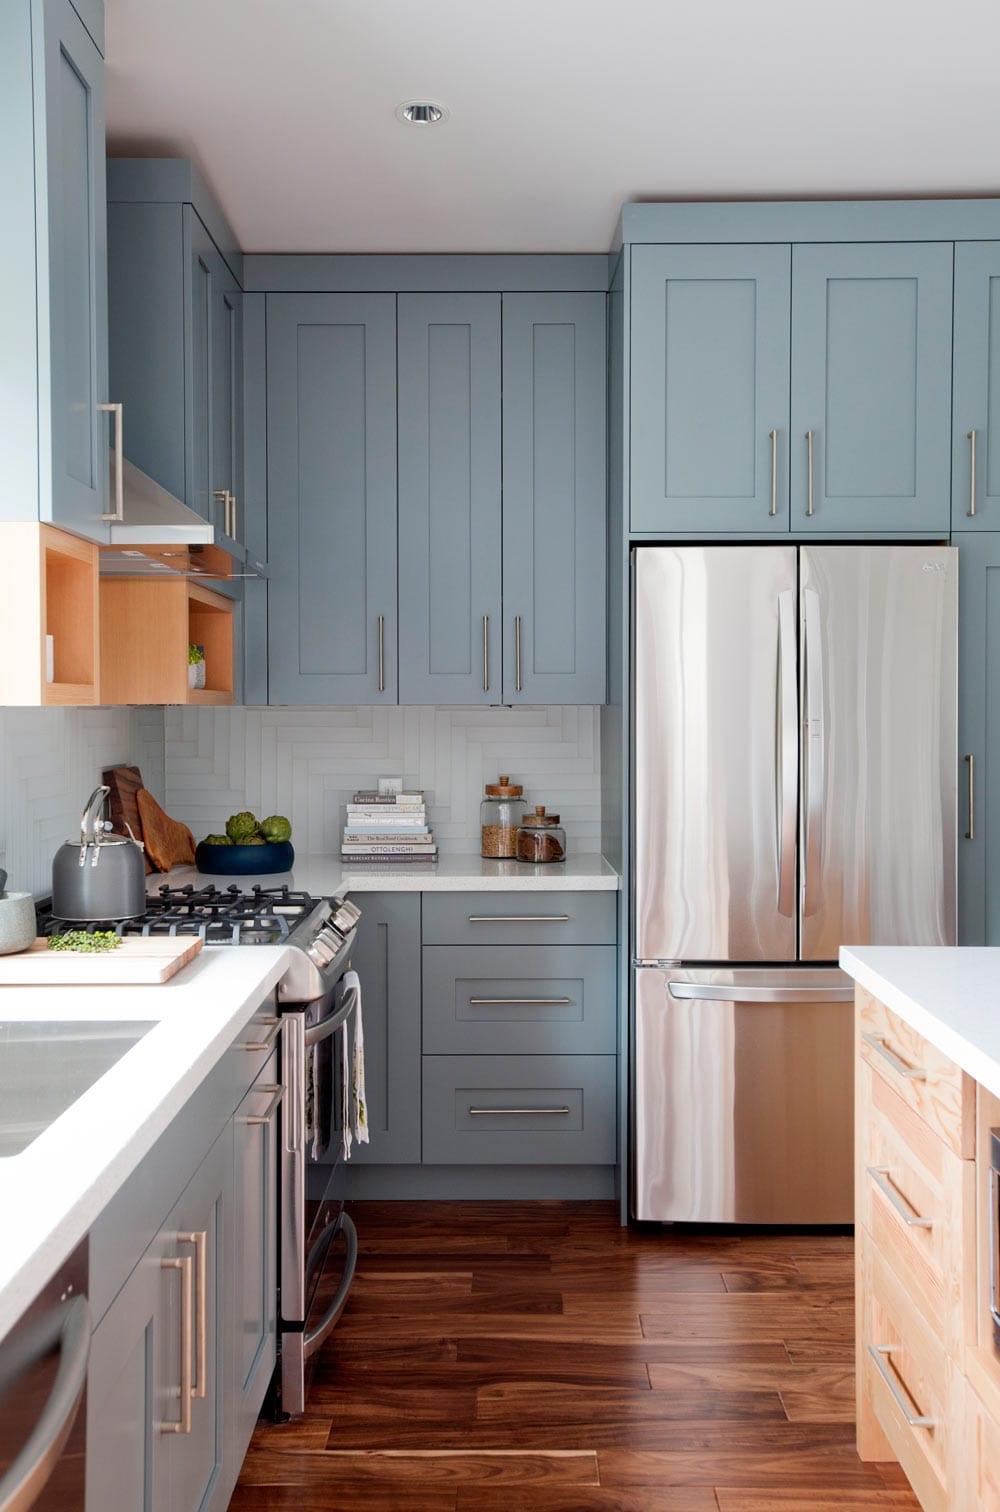 blog-lolv-ep4079-after-kitchen-1